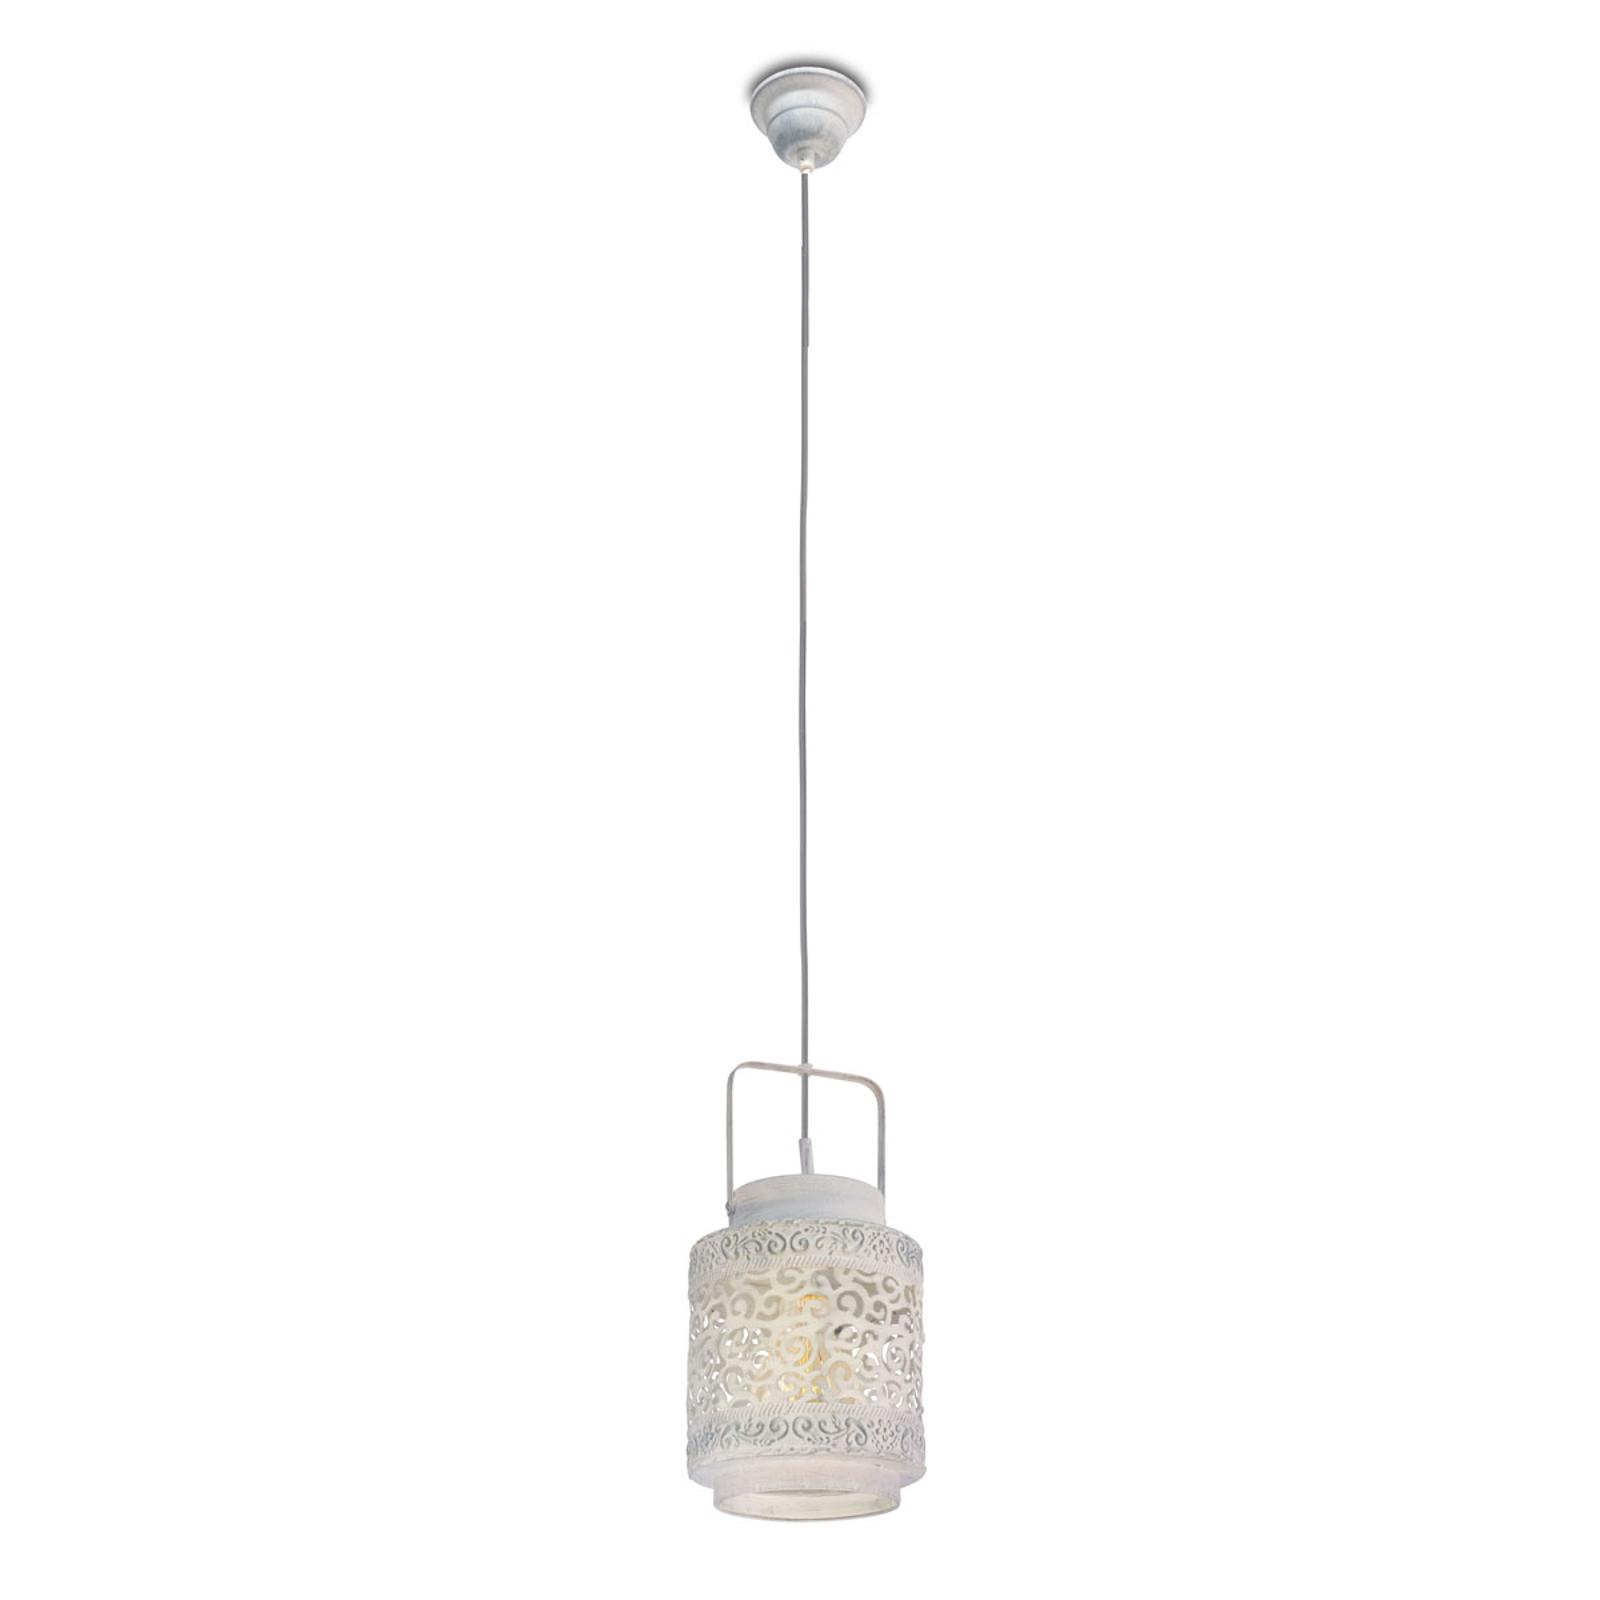 Suspension-lanterne Mariola